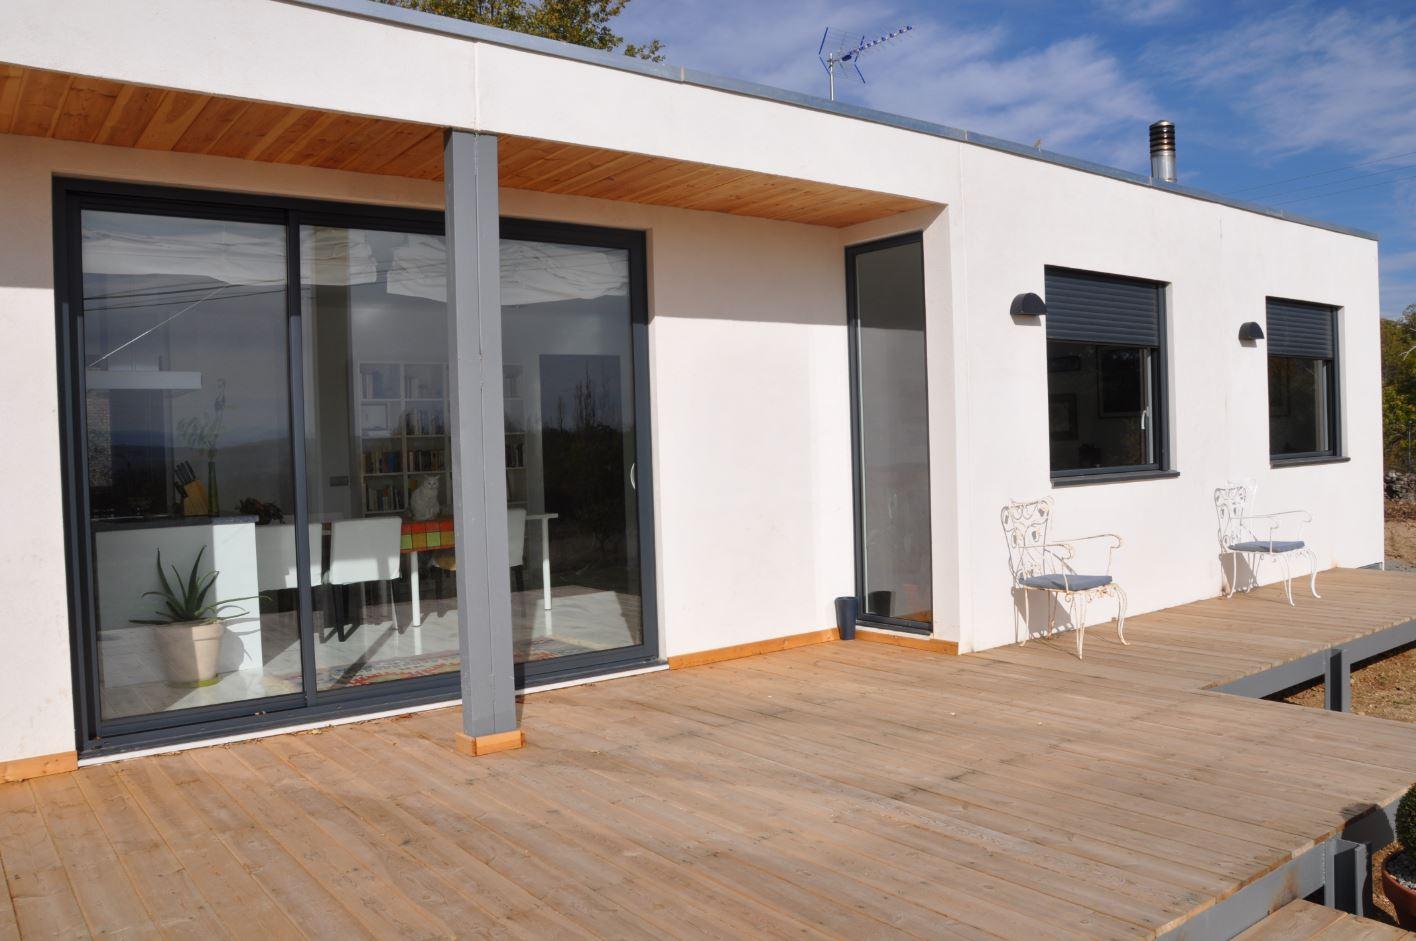 Ver fachadas de casas fachadas de casas estilos de - Fachada de casa ...